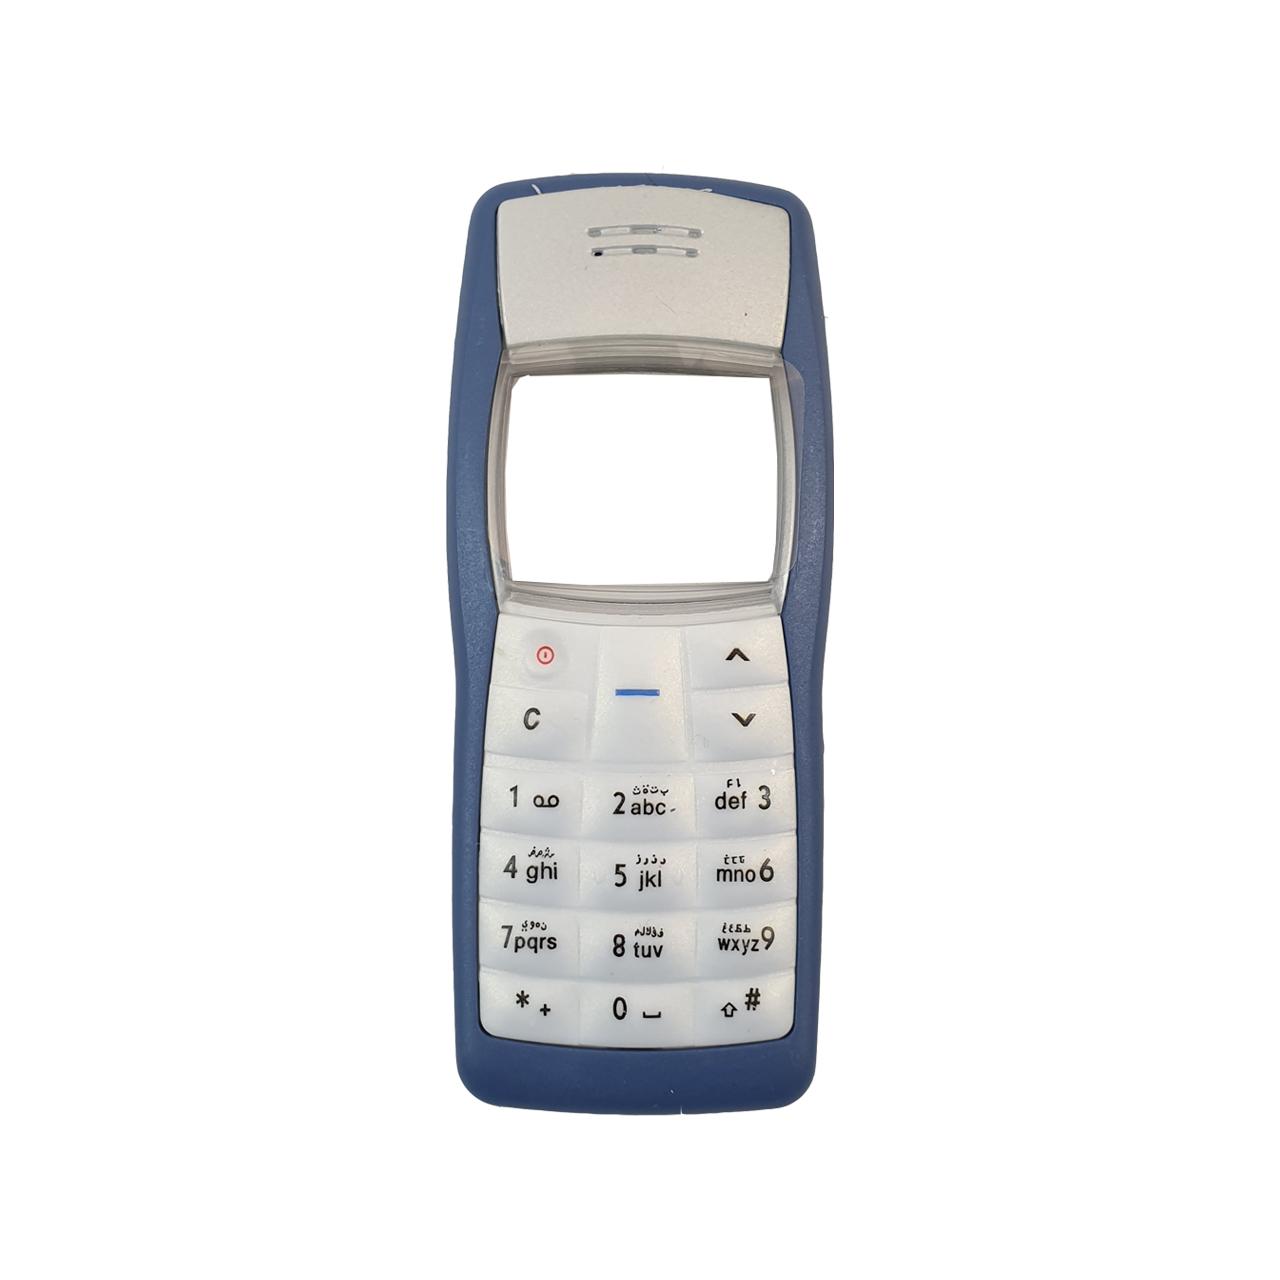 شاسی گوشی موبایل مدل GN-01 مناسب برای گوشی موبایل نوکیا 1100              ( قیمت و خرید)